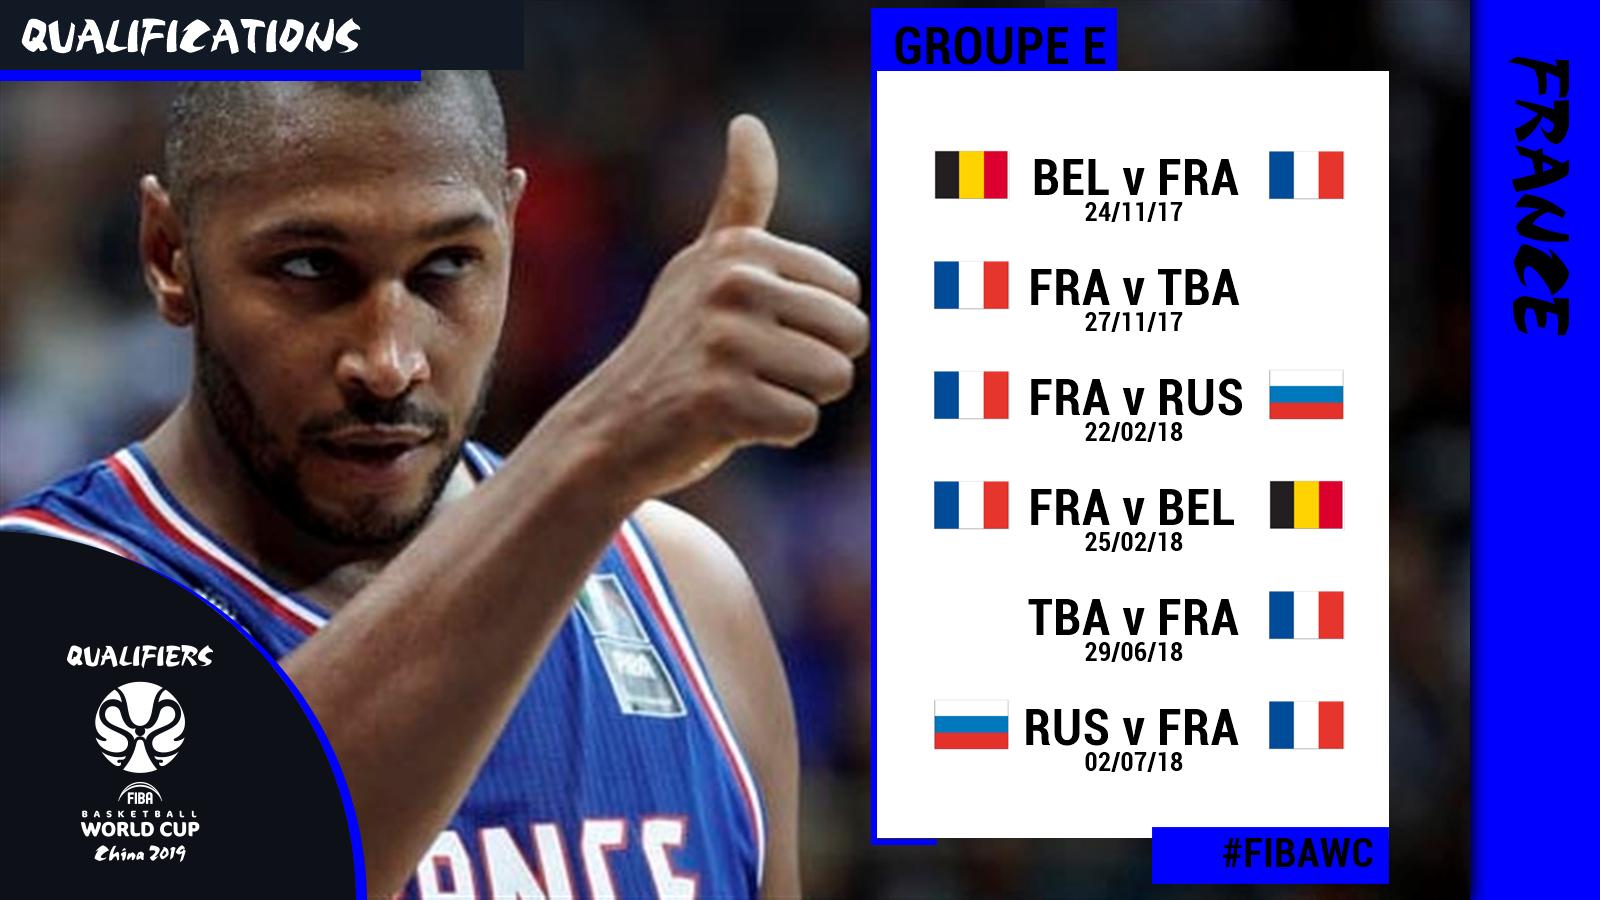 Coupe du monde 2019 la france dans le groupe de la russie et la belgique basket usa - Coupe du monde de basket ...